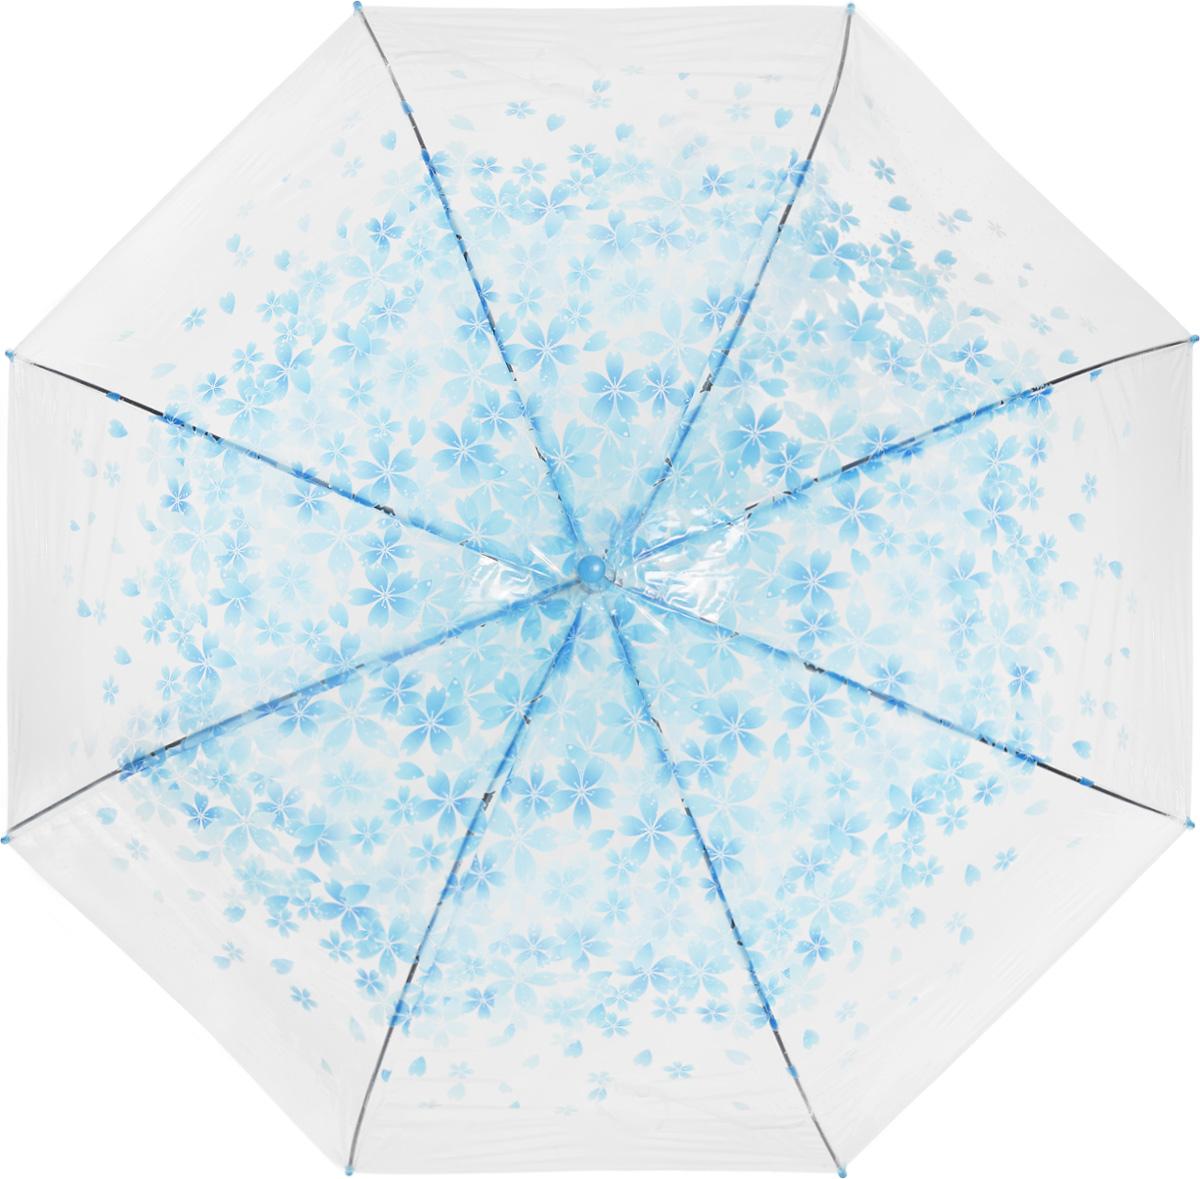 Зонт женский Эврика, цвет: голубой, прозрачный. 97504Бусы-ниткаЗонт-трость Эврика выполнен из прозрачного полиэтилена и оформлен цветочным принтом.Благодаря своему изяществу и утонченности орнамента он способен украсить даже самый пасмурный день. Лёгкий, практичный зонт-полуавтомат послужит верным спутником дамы, желающей выглядеть стильно в любую погоду.